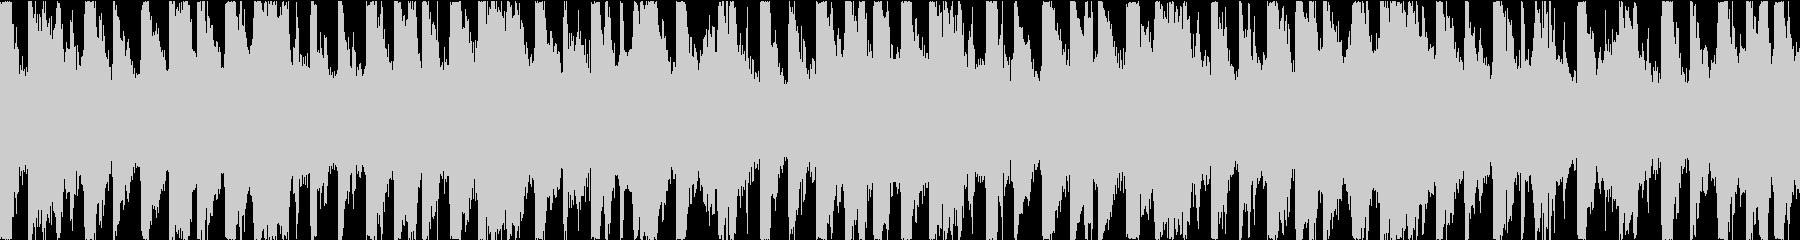 BGM04 Saz  20秒ループの未再生の波形